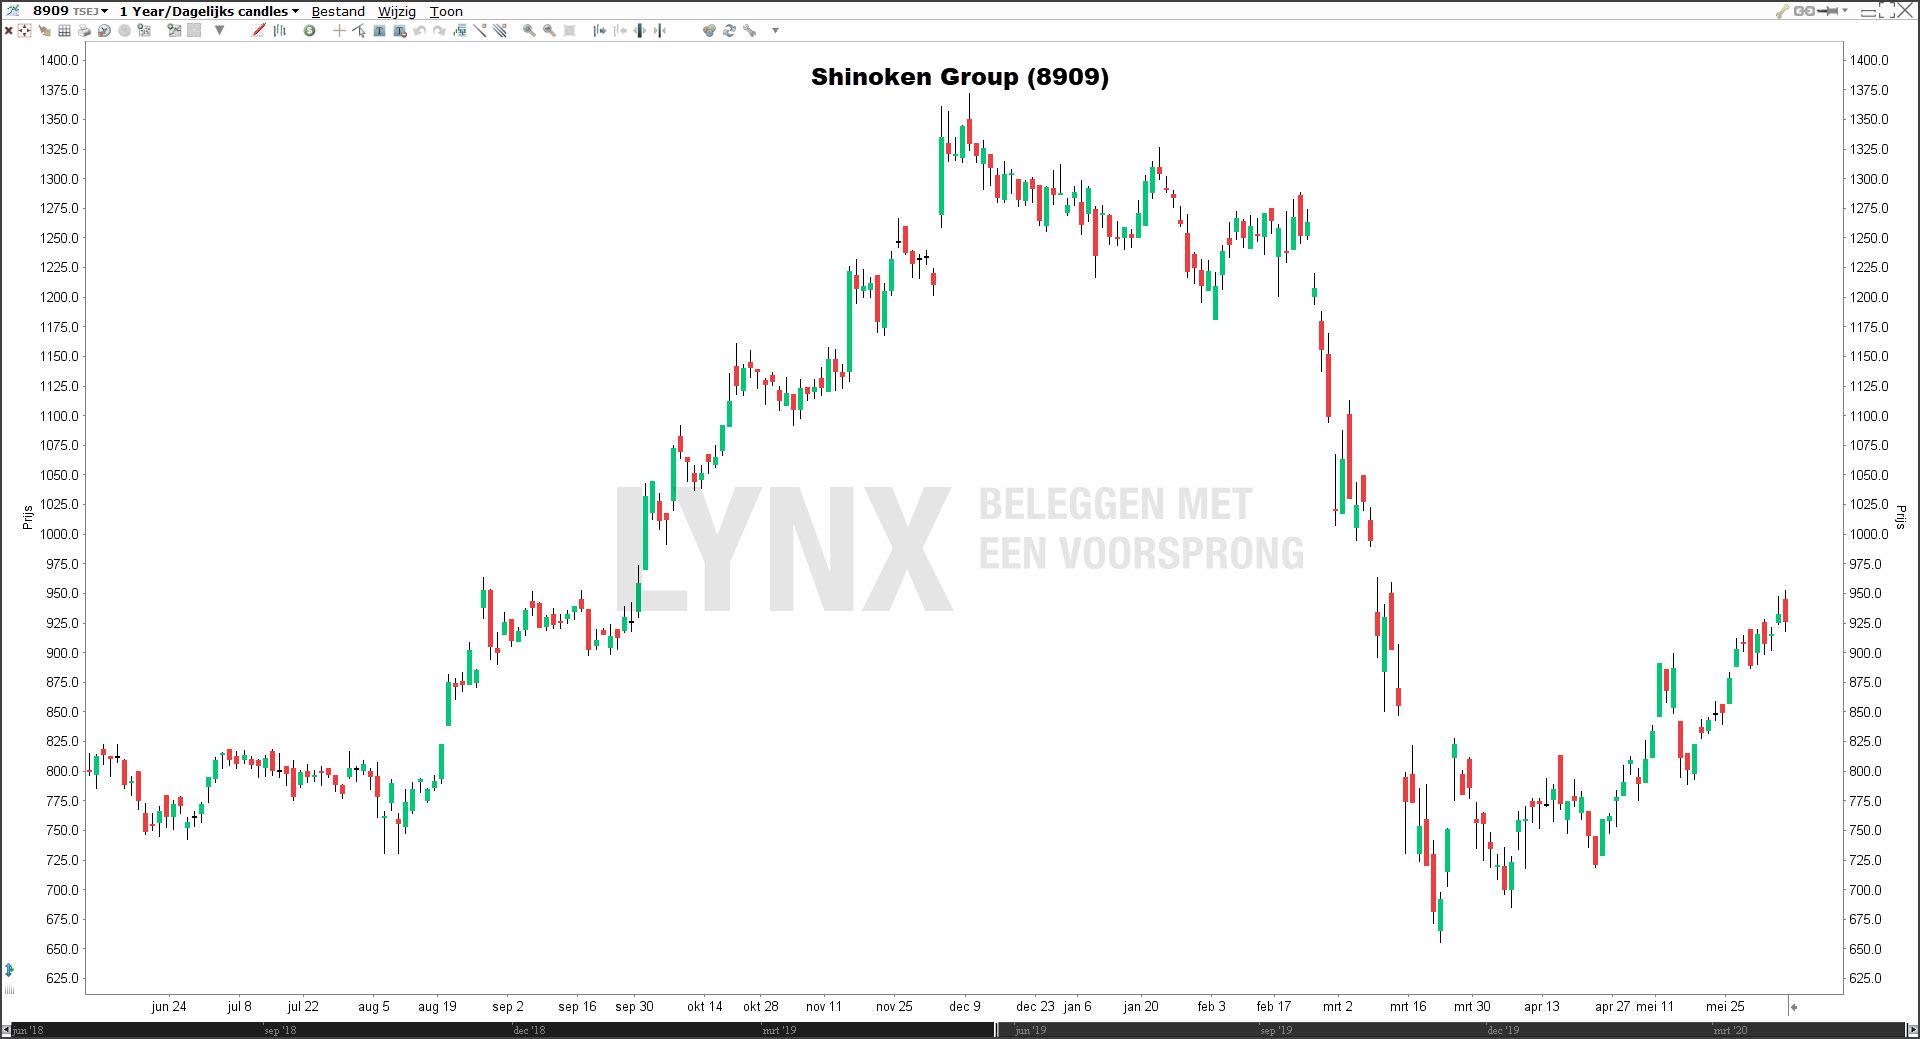 Beste aandelen 2020: Shinoken Group